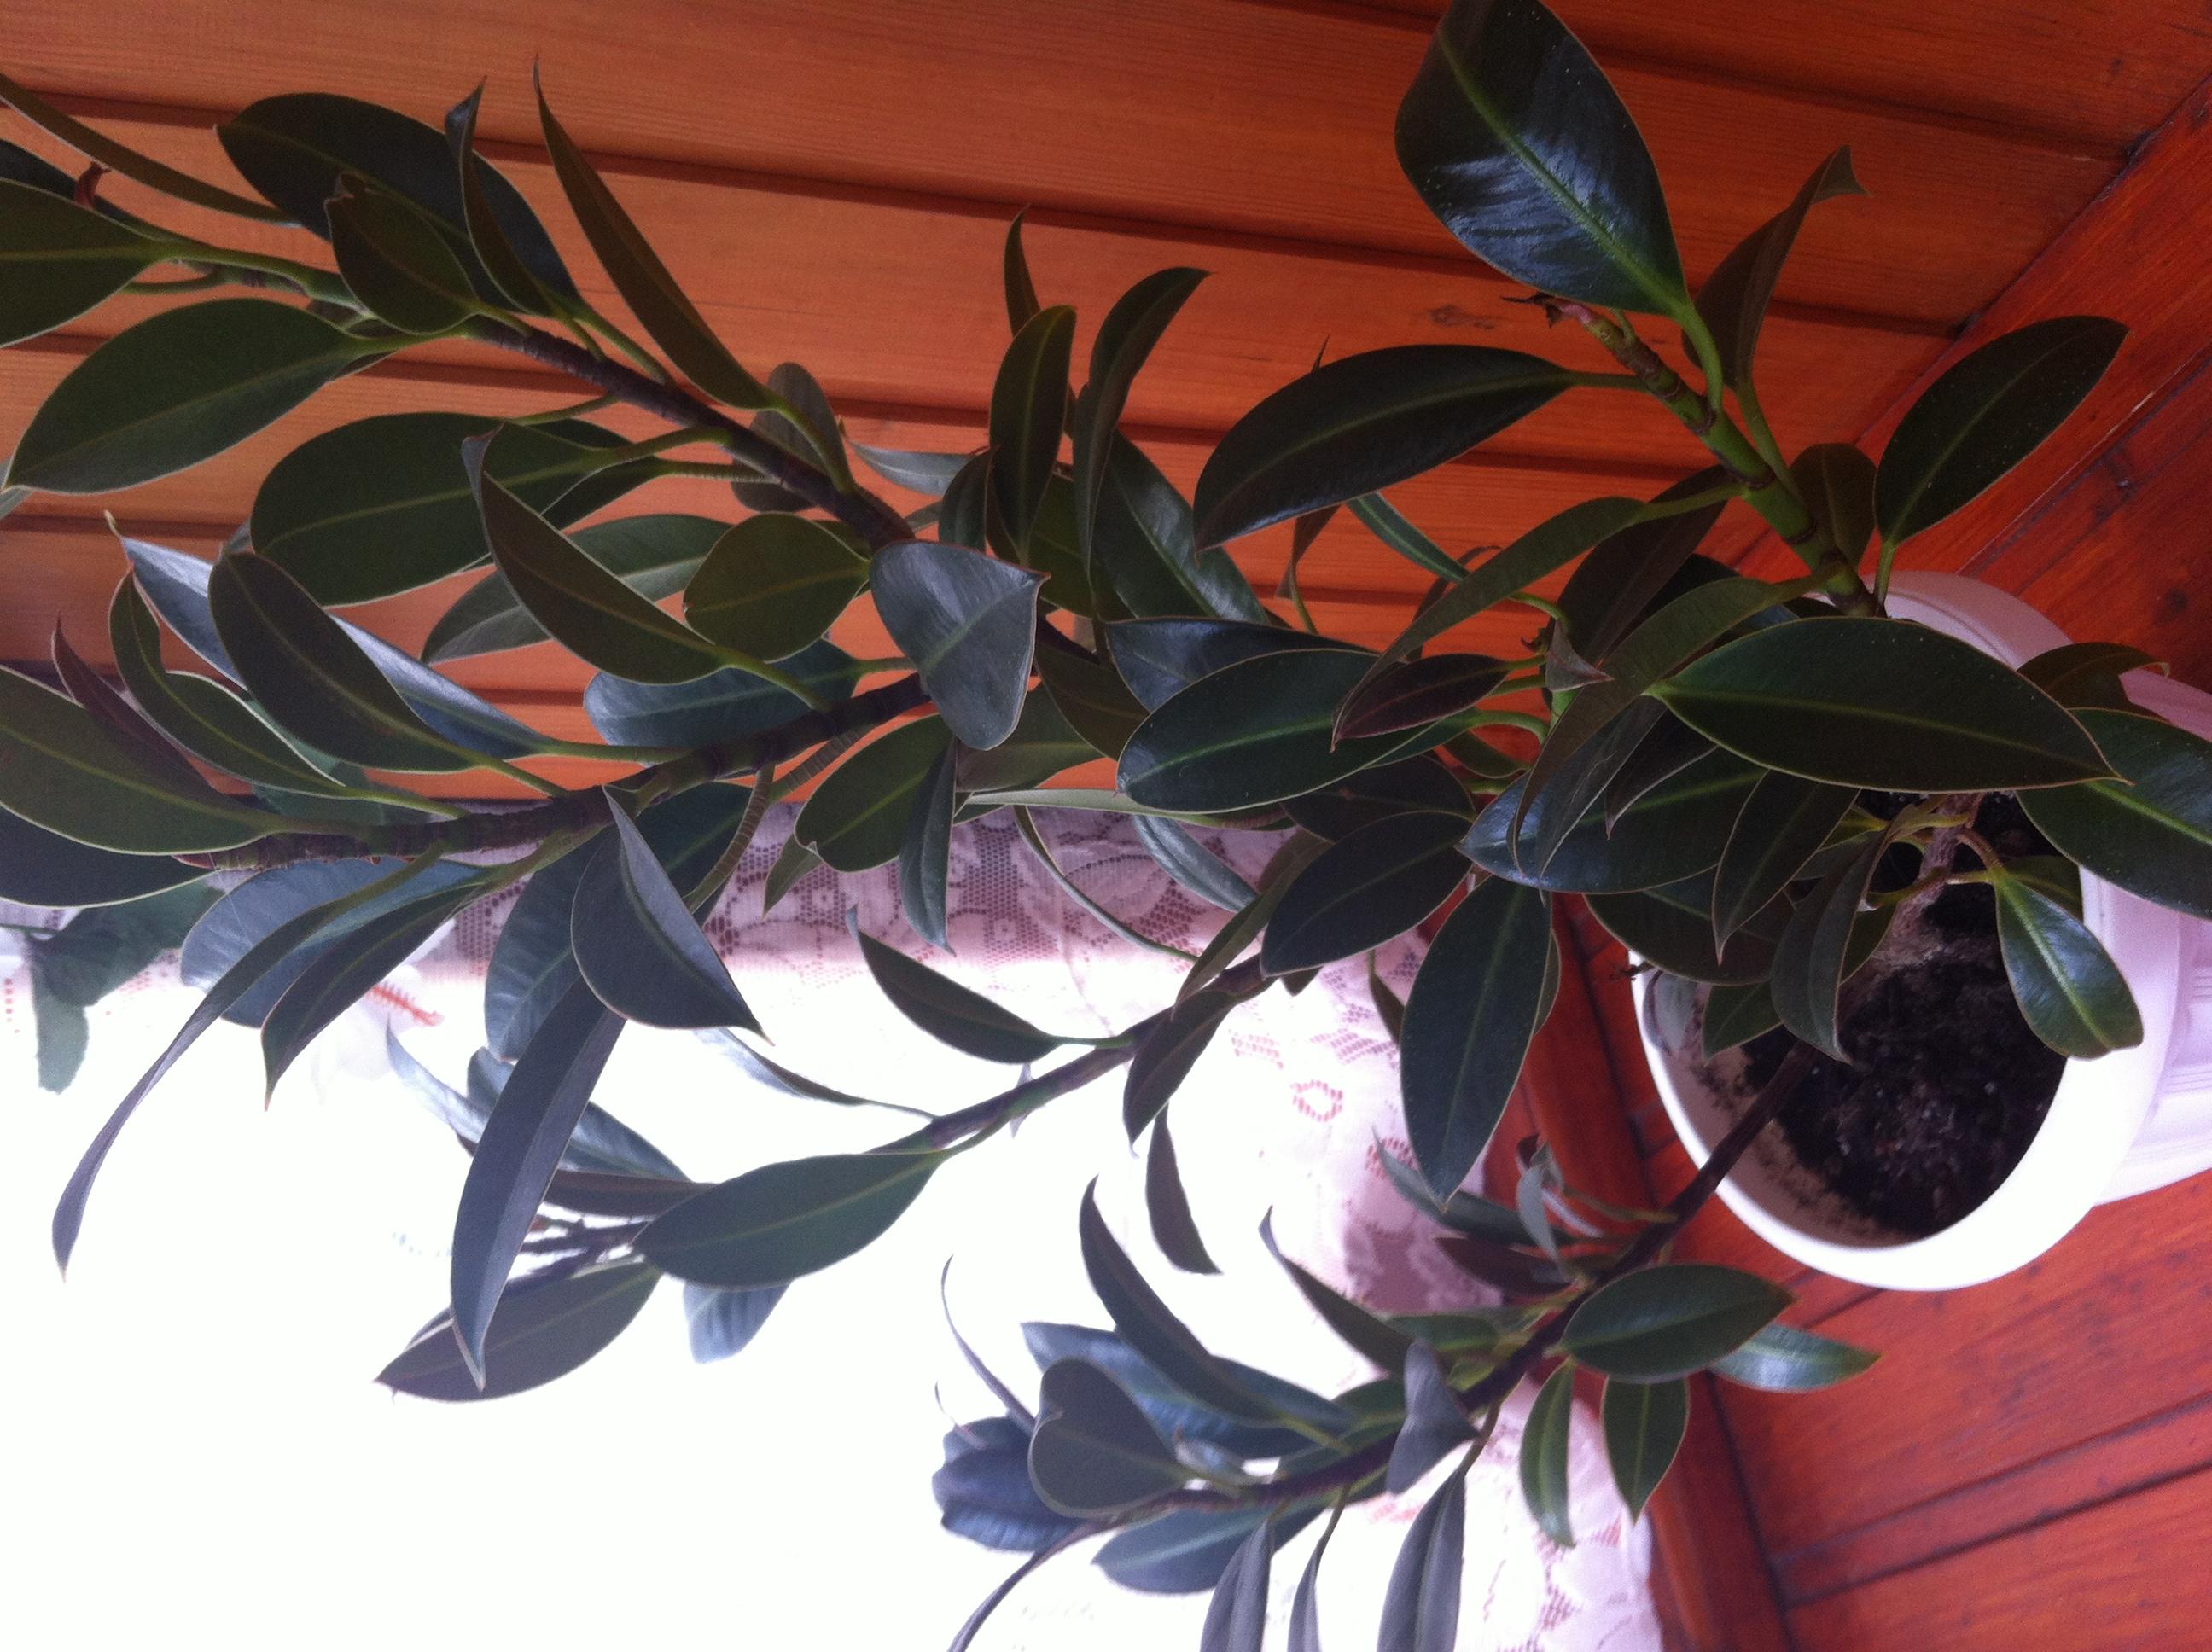 фикус мелани фото взрослого растения когда-нибудь выбрасывали тест